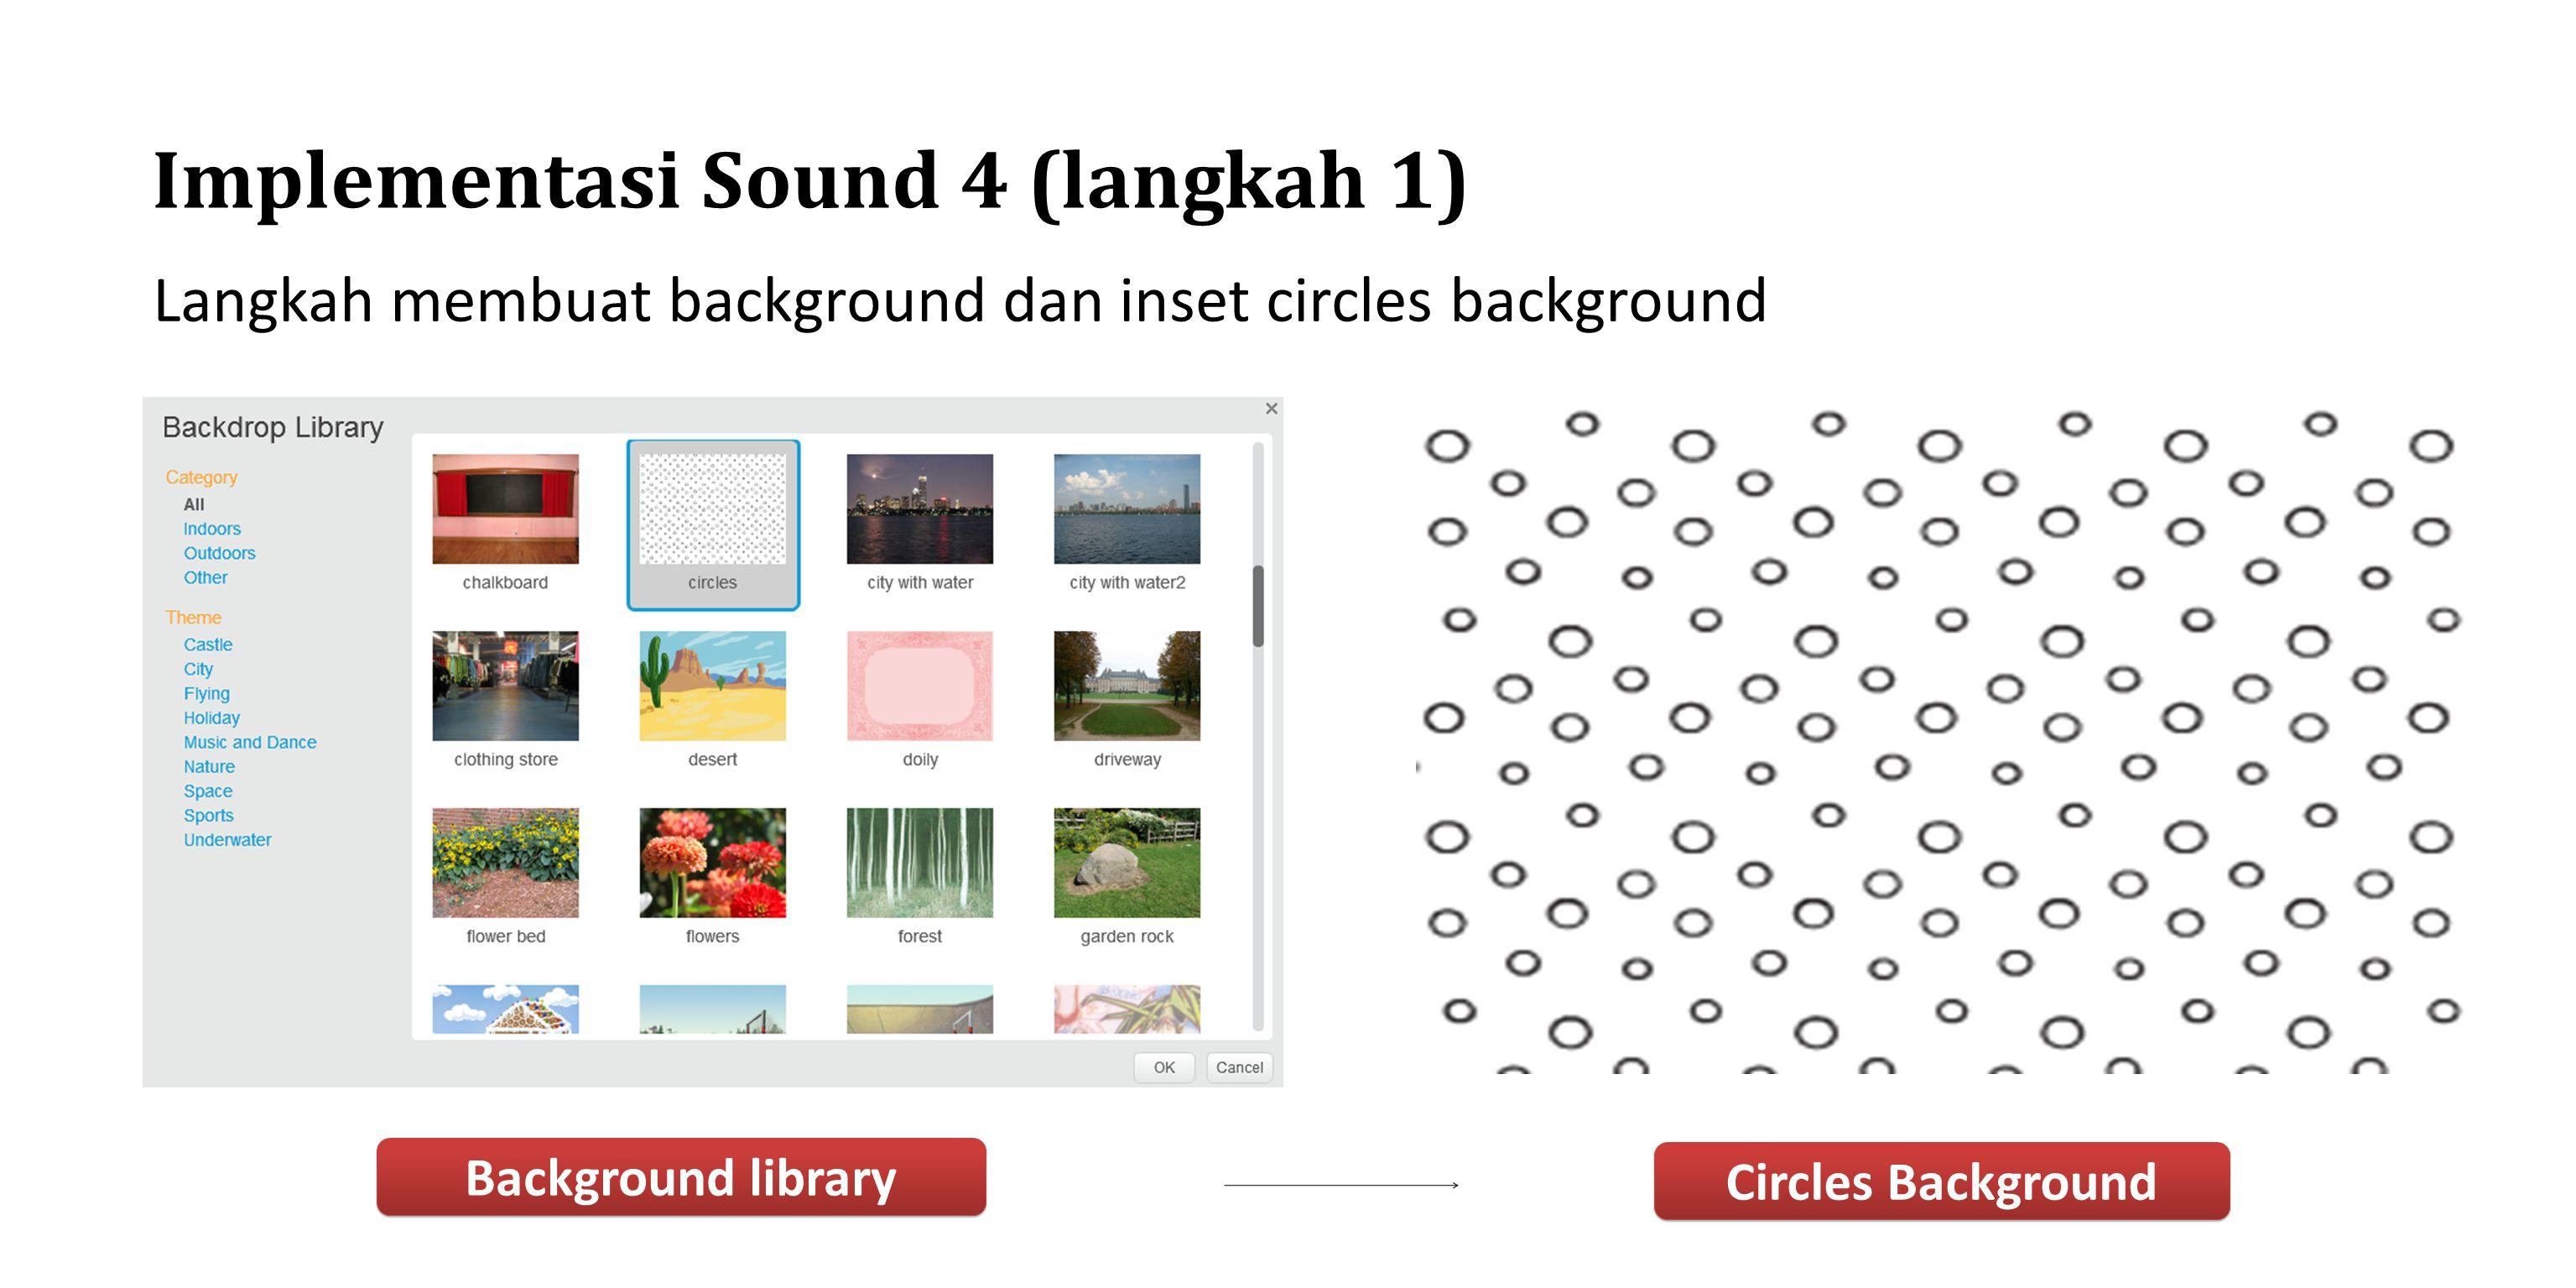 Implementasi Sound 4 (langkah 1)